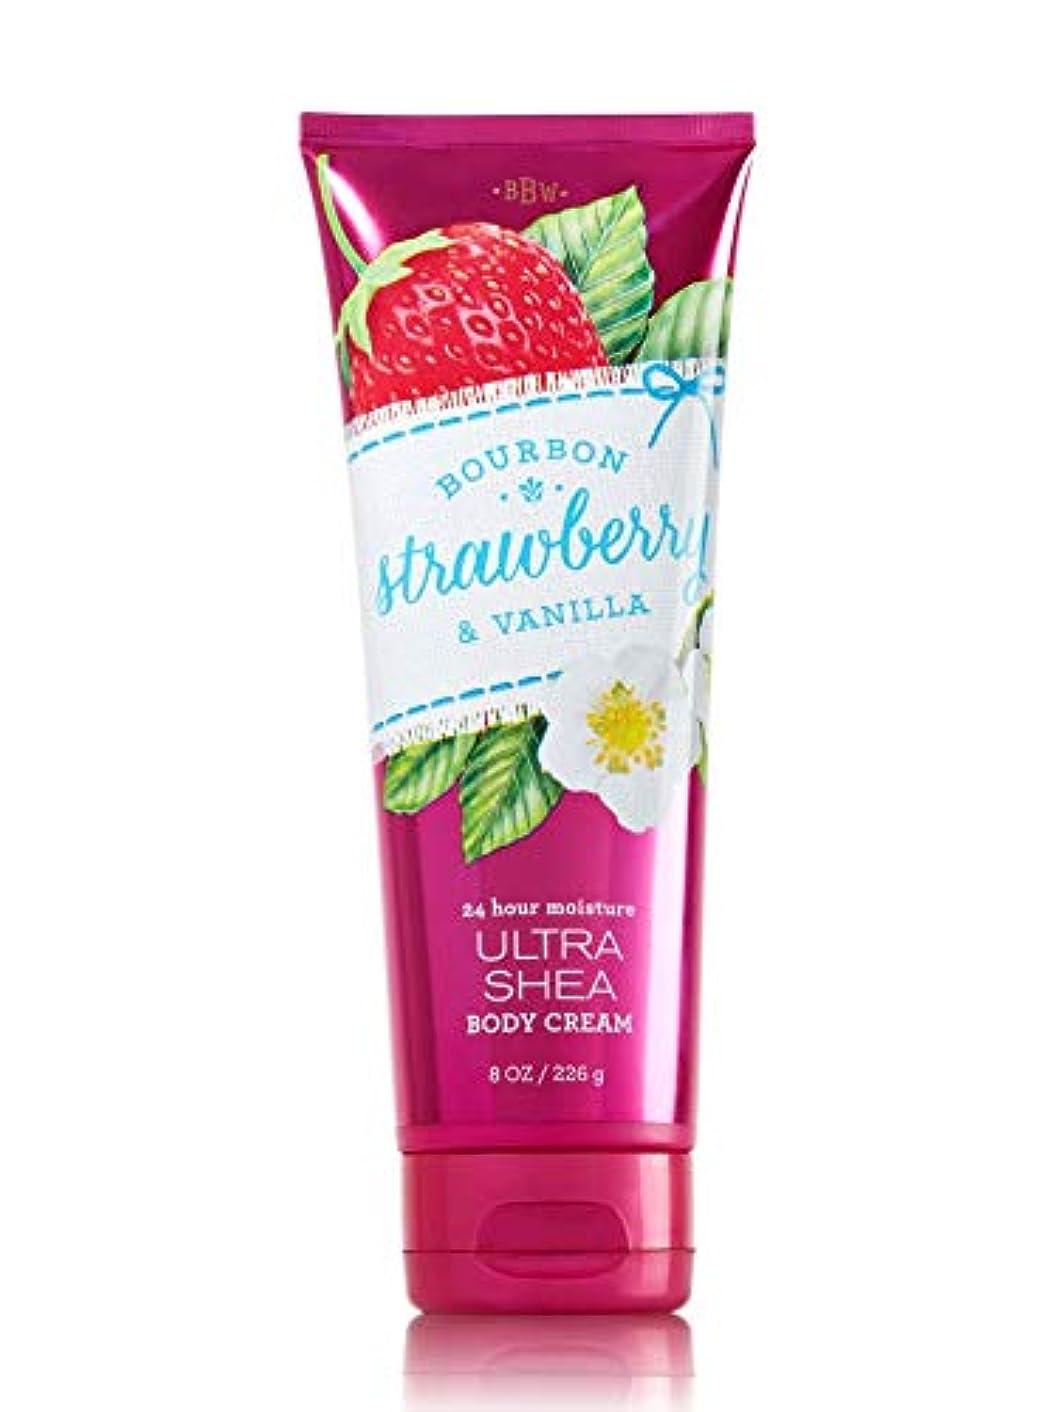 ホバートなぜならリル【Bath&Body Works/バス&ボディワークス】 ボディクリーム ブルボンストロベリー&バニラ Body Cream Bourbon Strawberry & Vanilla 8 oz / 226 g [並行輸入品]